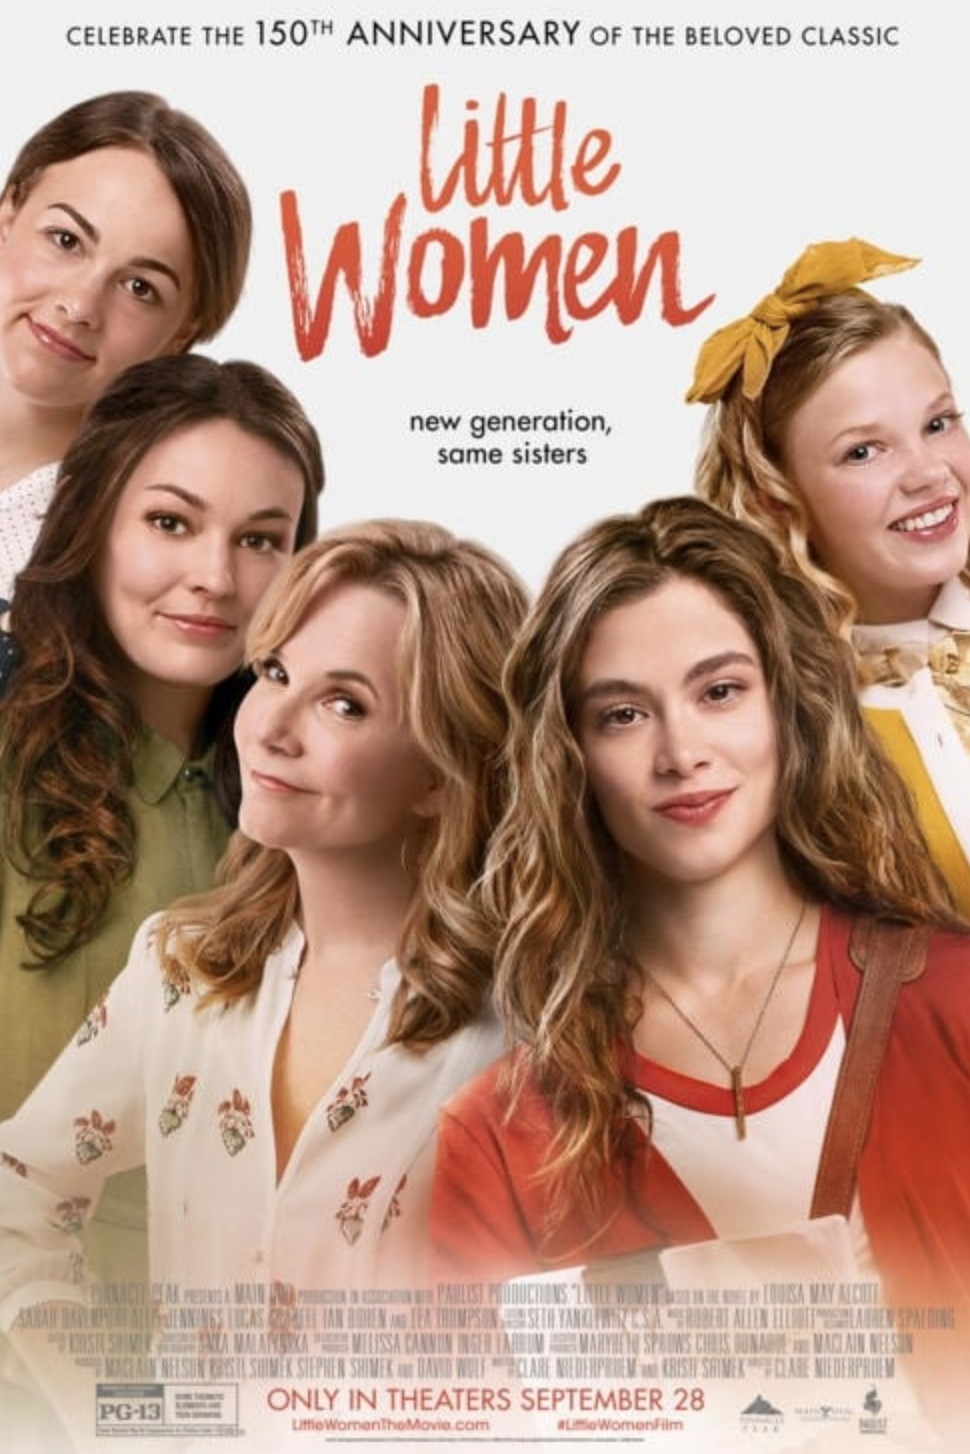 p1LITTLE WOMEN.png